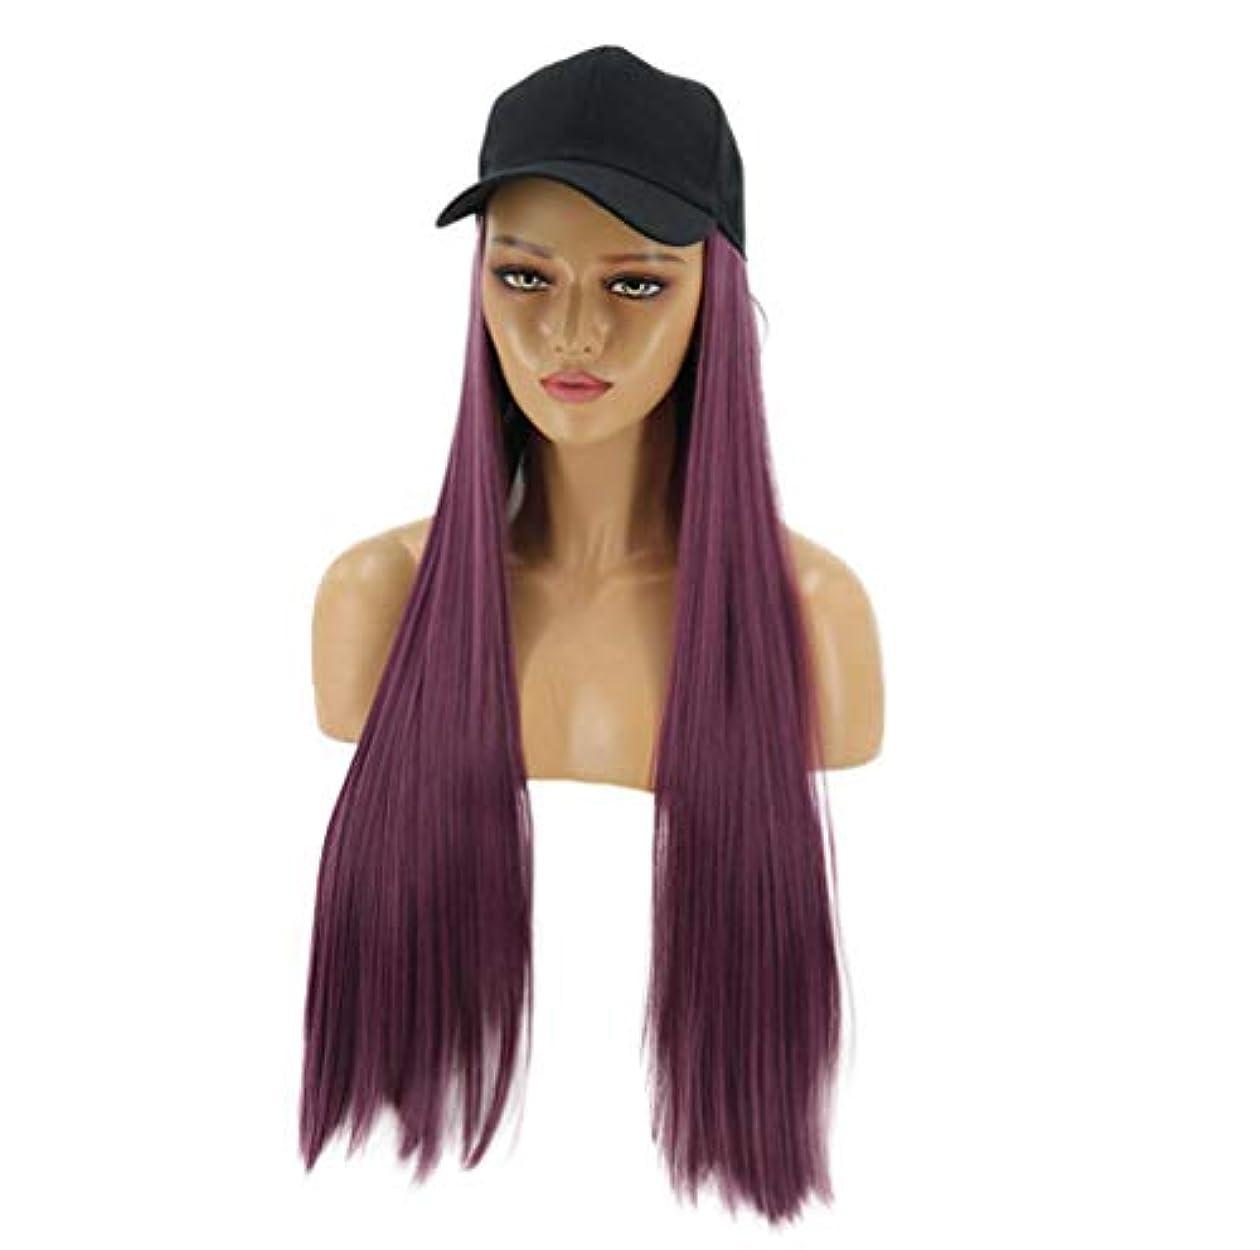 魔女セイはさておき気絶させる女性ロングストレートウィッグキャップロングヘア野球キャップボールキャップカジュアルキャップウィッグ合成かつらヘア耐熱性ナチュラル本物の髪